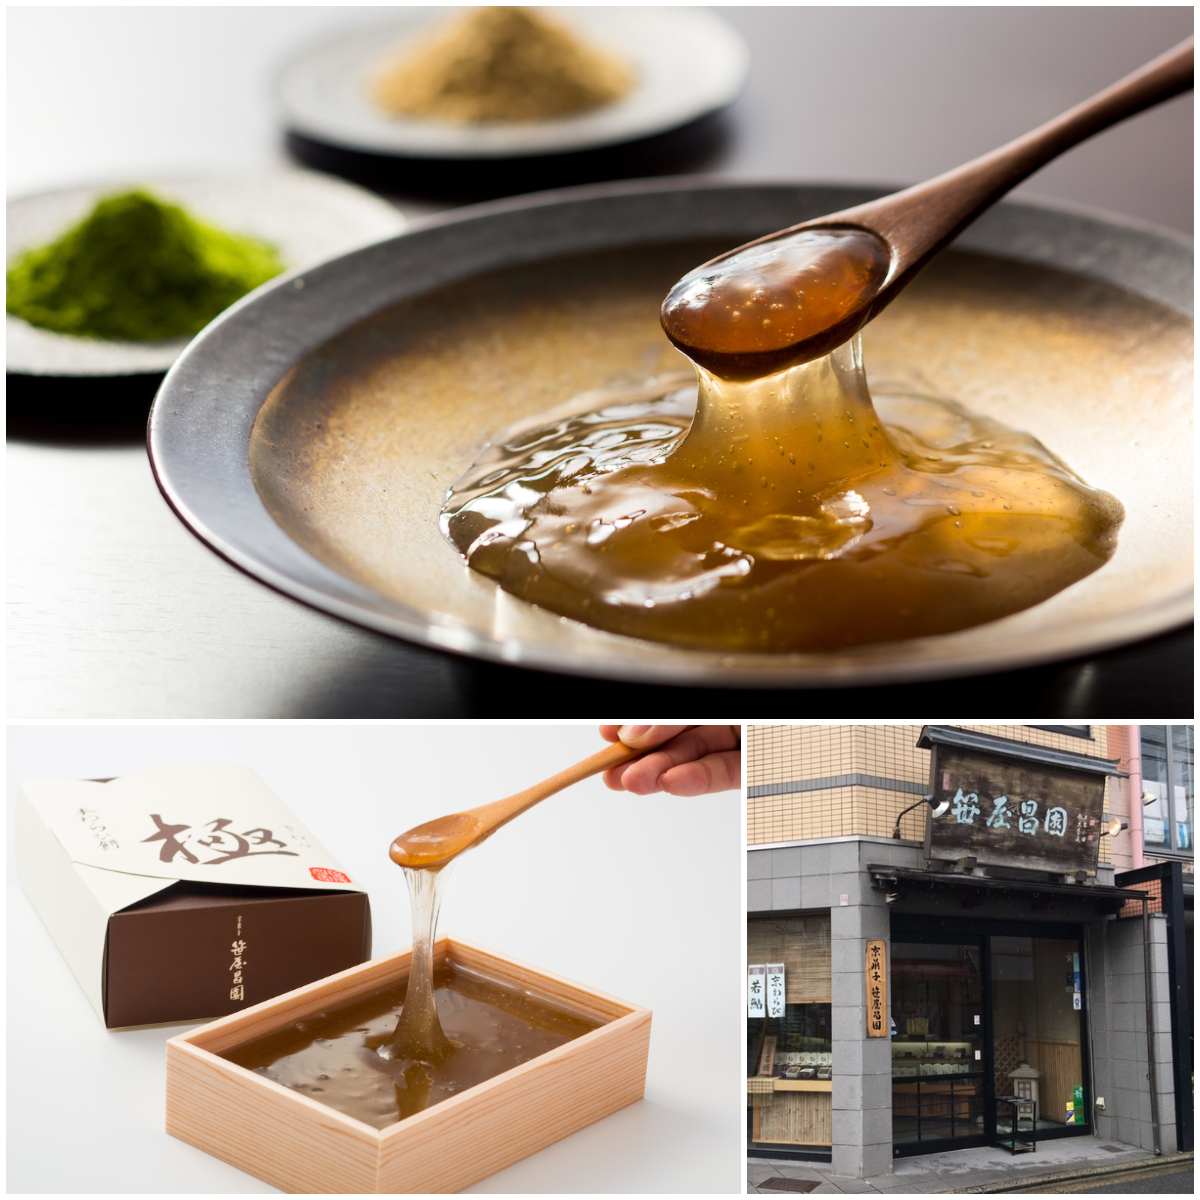 『香林坊大和』に初登場。極上の食感が楽しめる京都『笹屋昌園』のわらび餅が期間限定で発売。